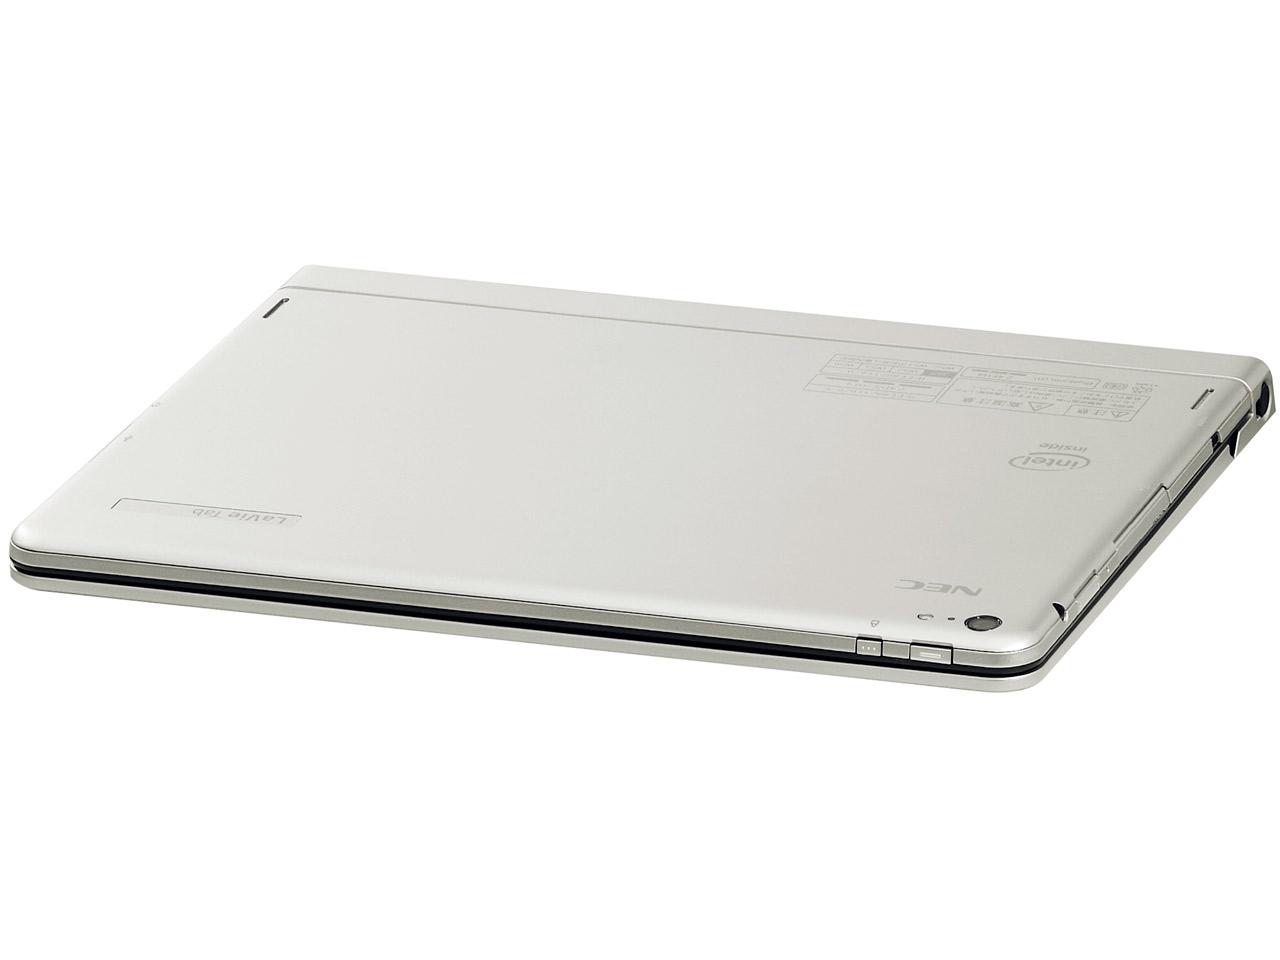 『本体 キーボード装着時 上面』 LaVie Tab W TW710/T2S PC-TW710T2S の製品画像